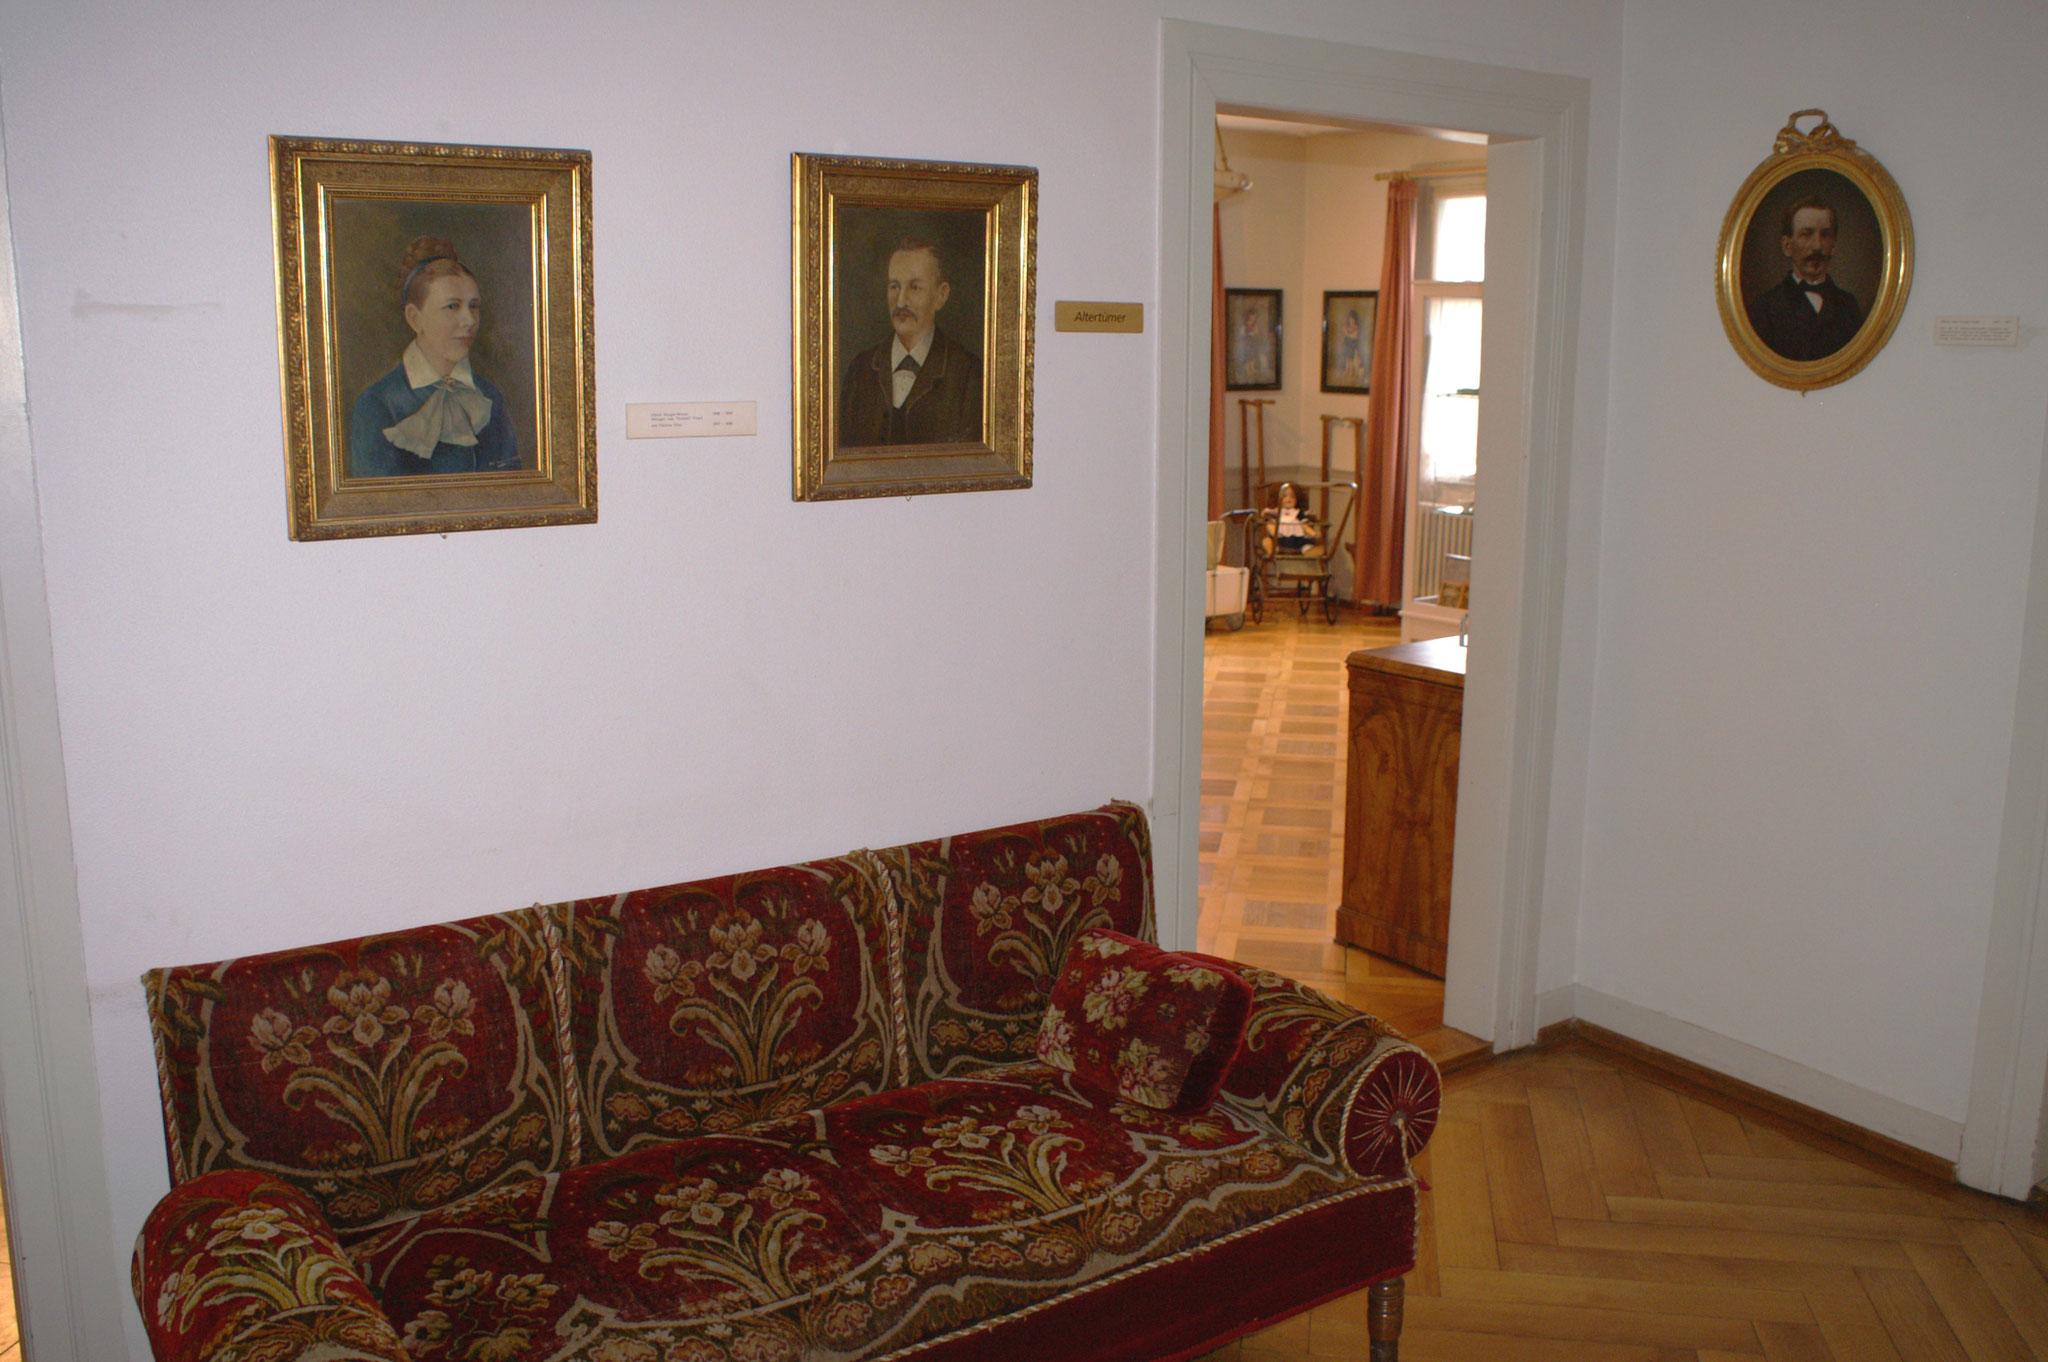 Treppenhausgang im 3. Stock mit Porträts von Flawilern